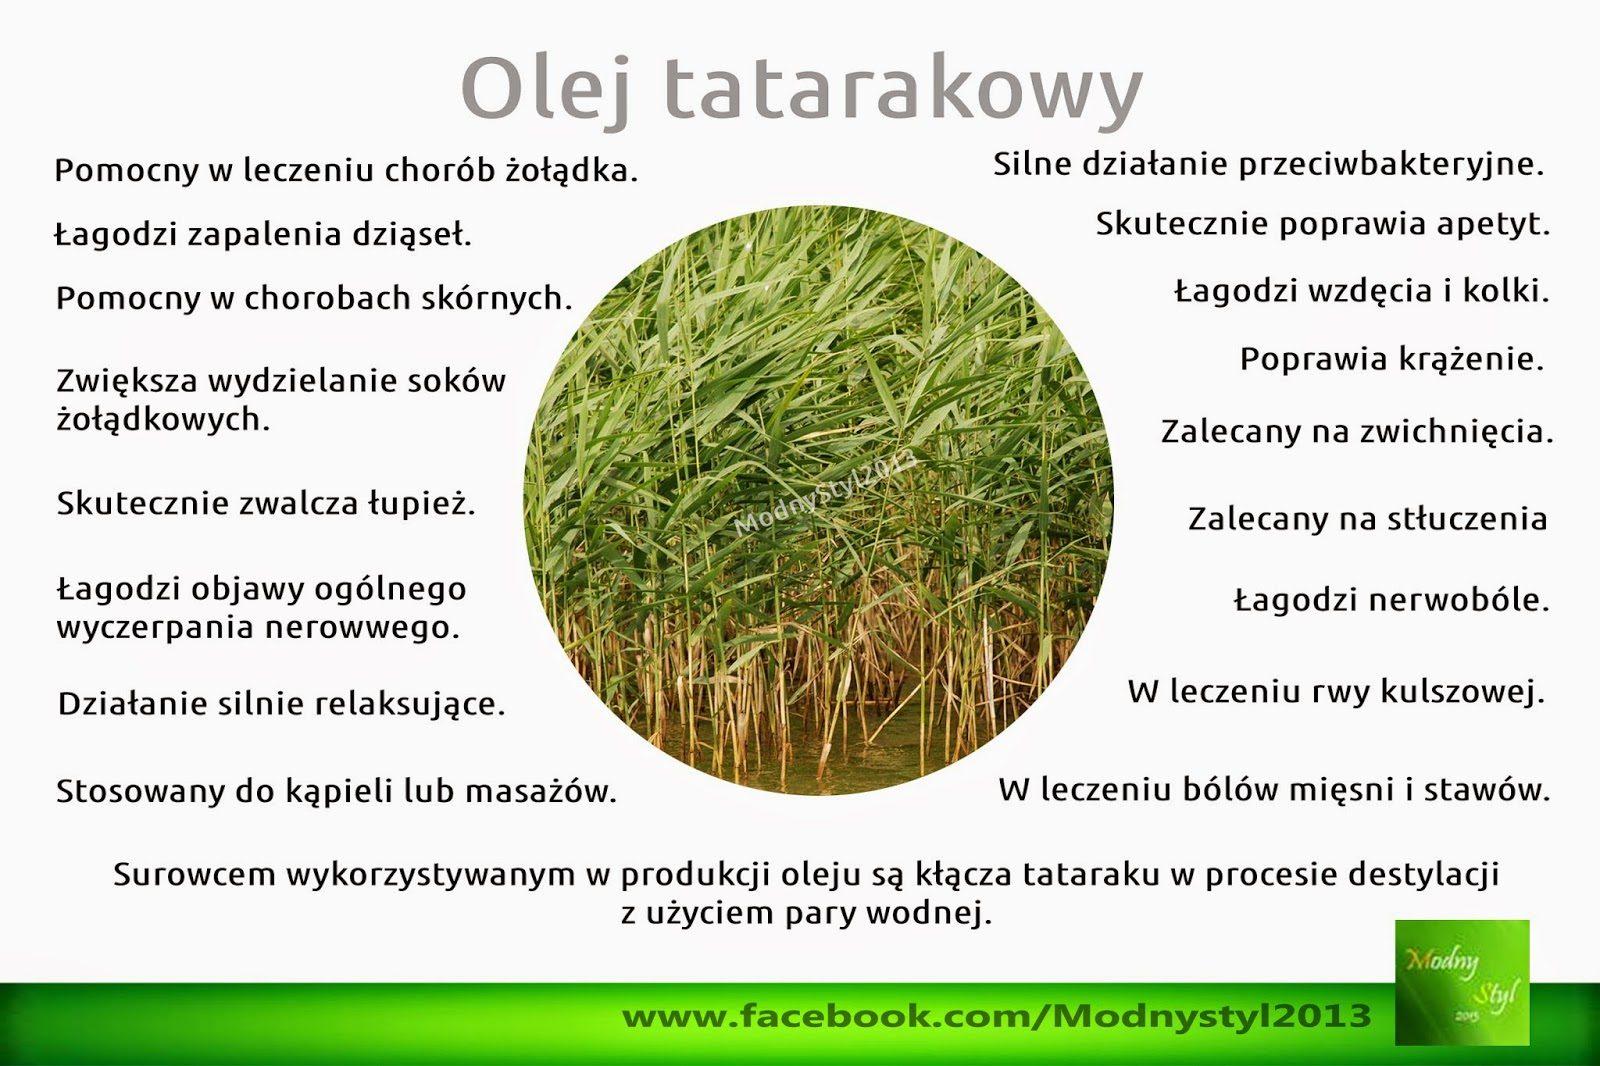 olej2btatarakowy-6794071